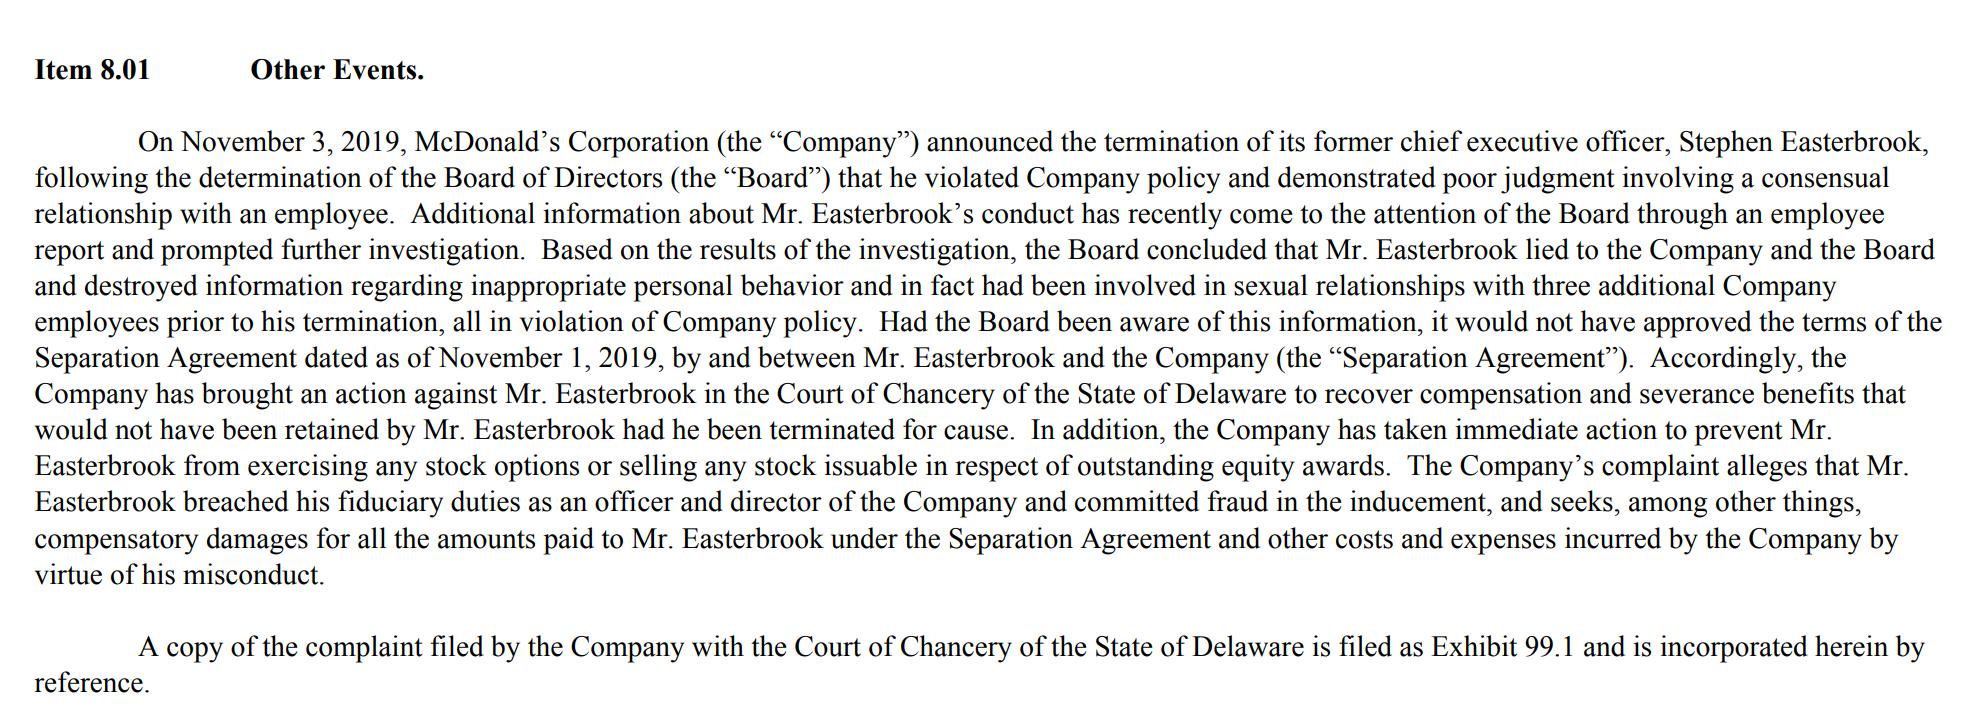 麦当劳起诉前CEO欲讨回离职补偿 涉嫌与多名员工有染